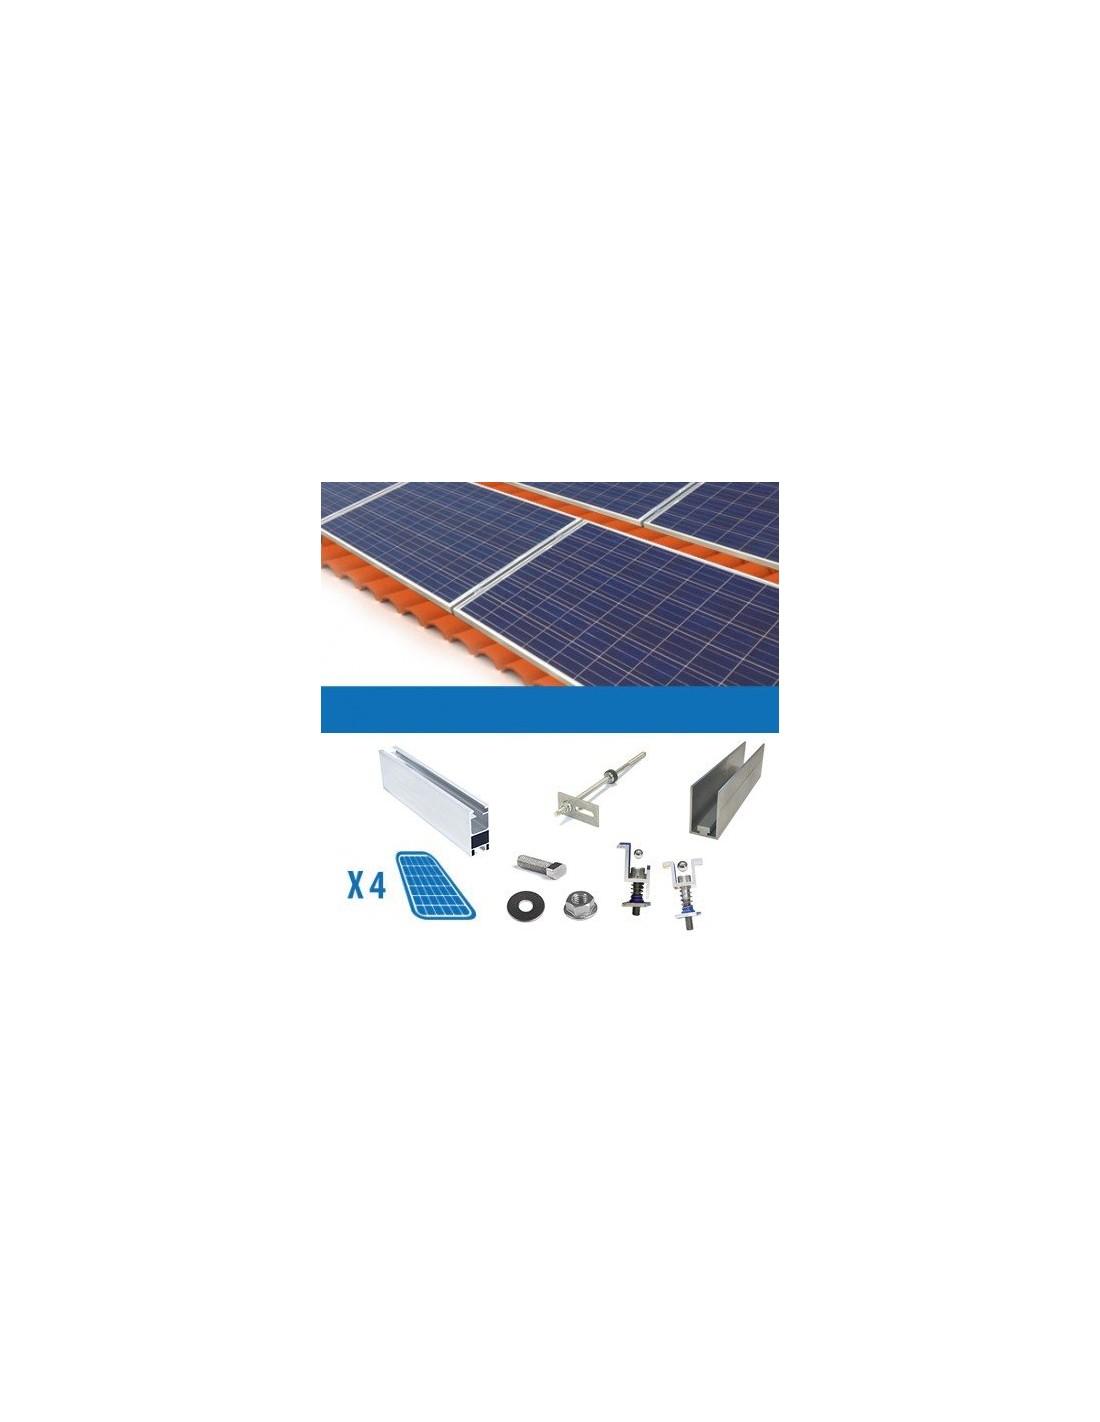 Kit Pannello Solare Fotovoltaico : Kit fissaggio pannello con spessore cm tetto a falda